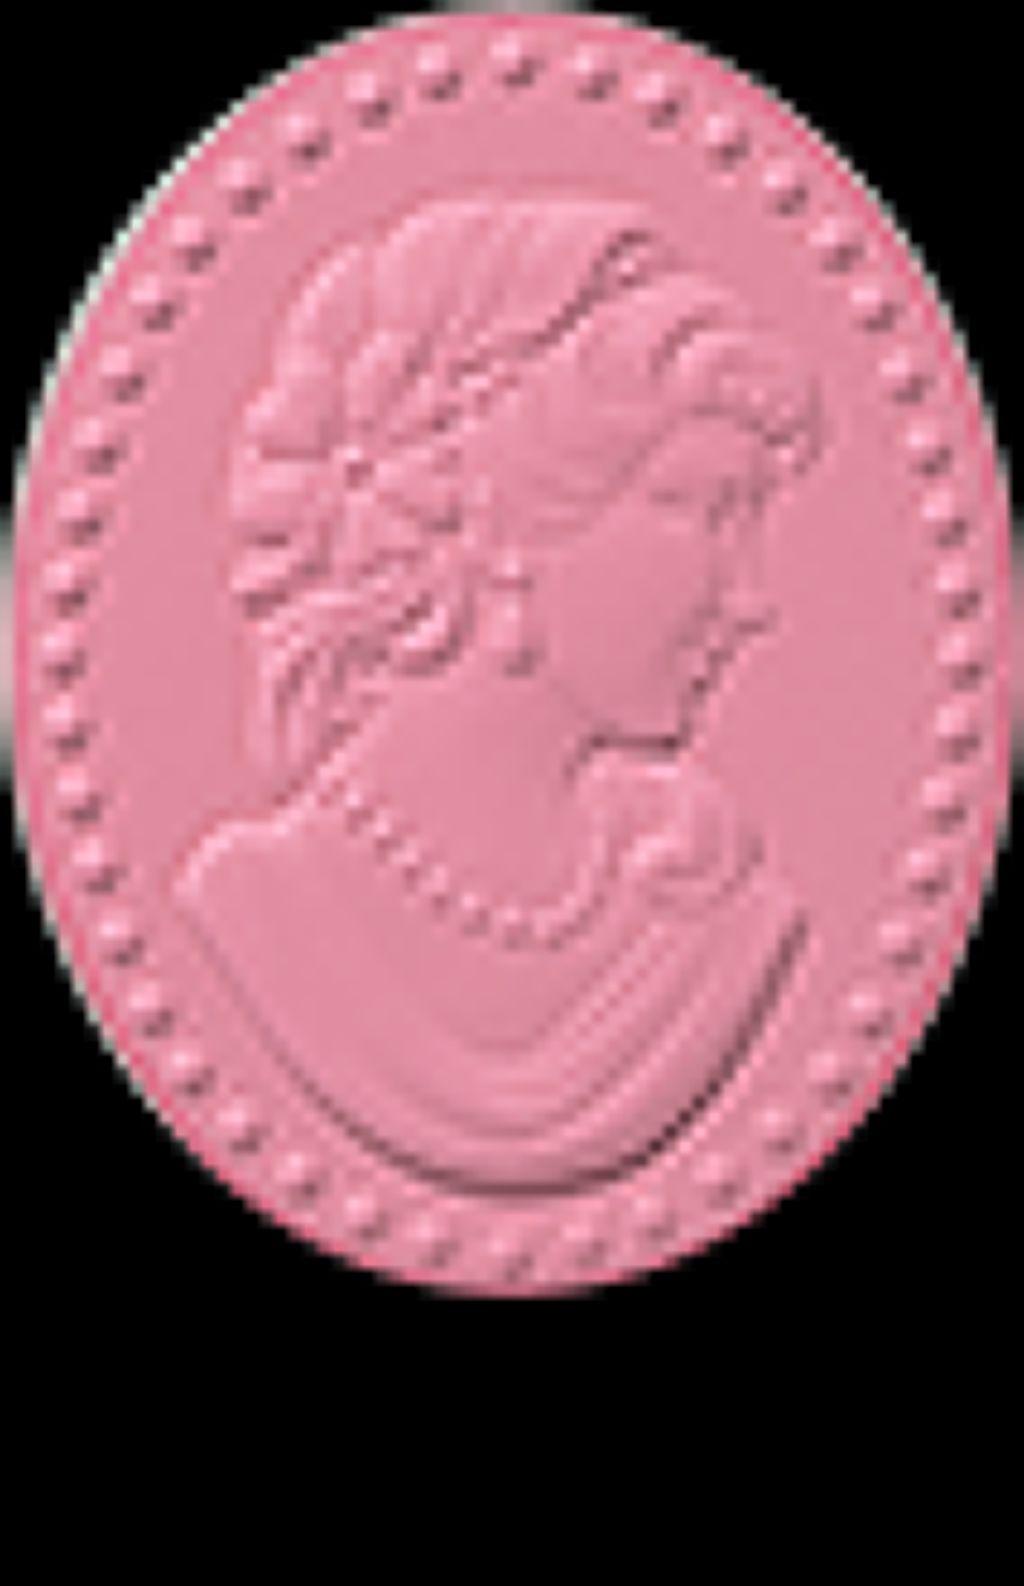 プレスト チークカラー N01 Josephine(ジョゼフィーヌ)ナポレオン最初の妻の名